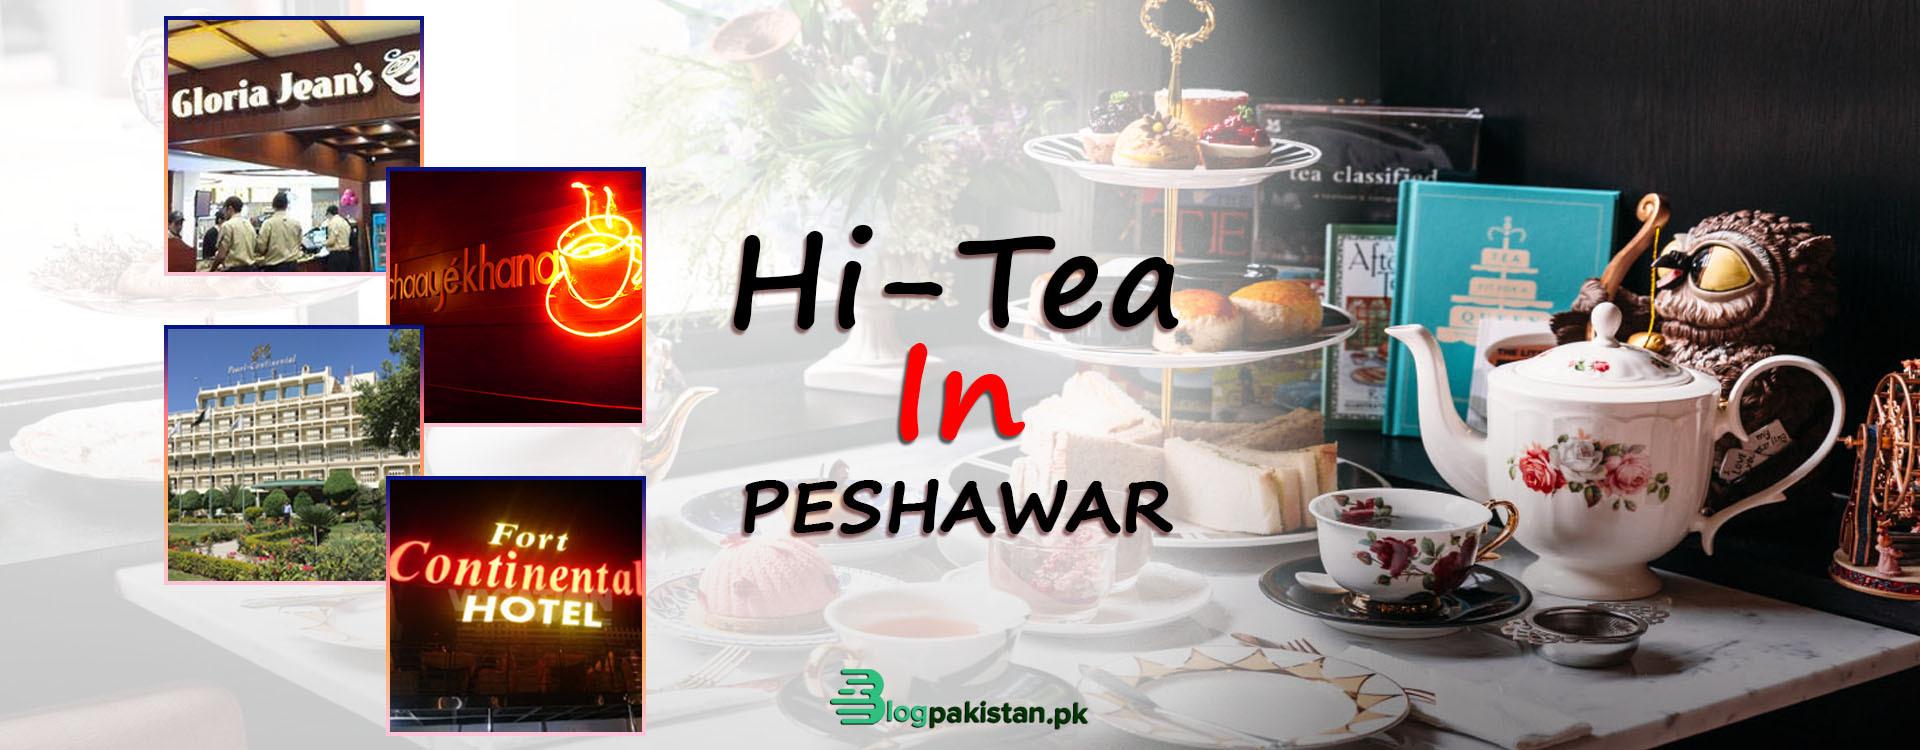 Hi tea in Peshawar